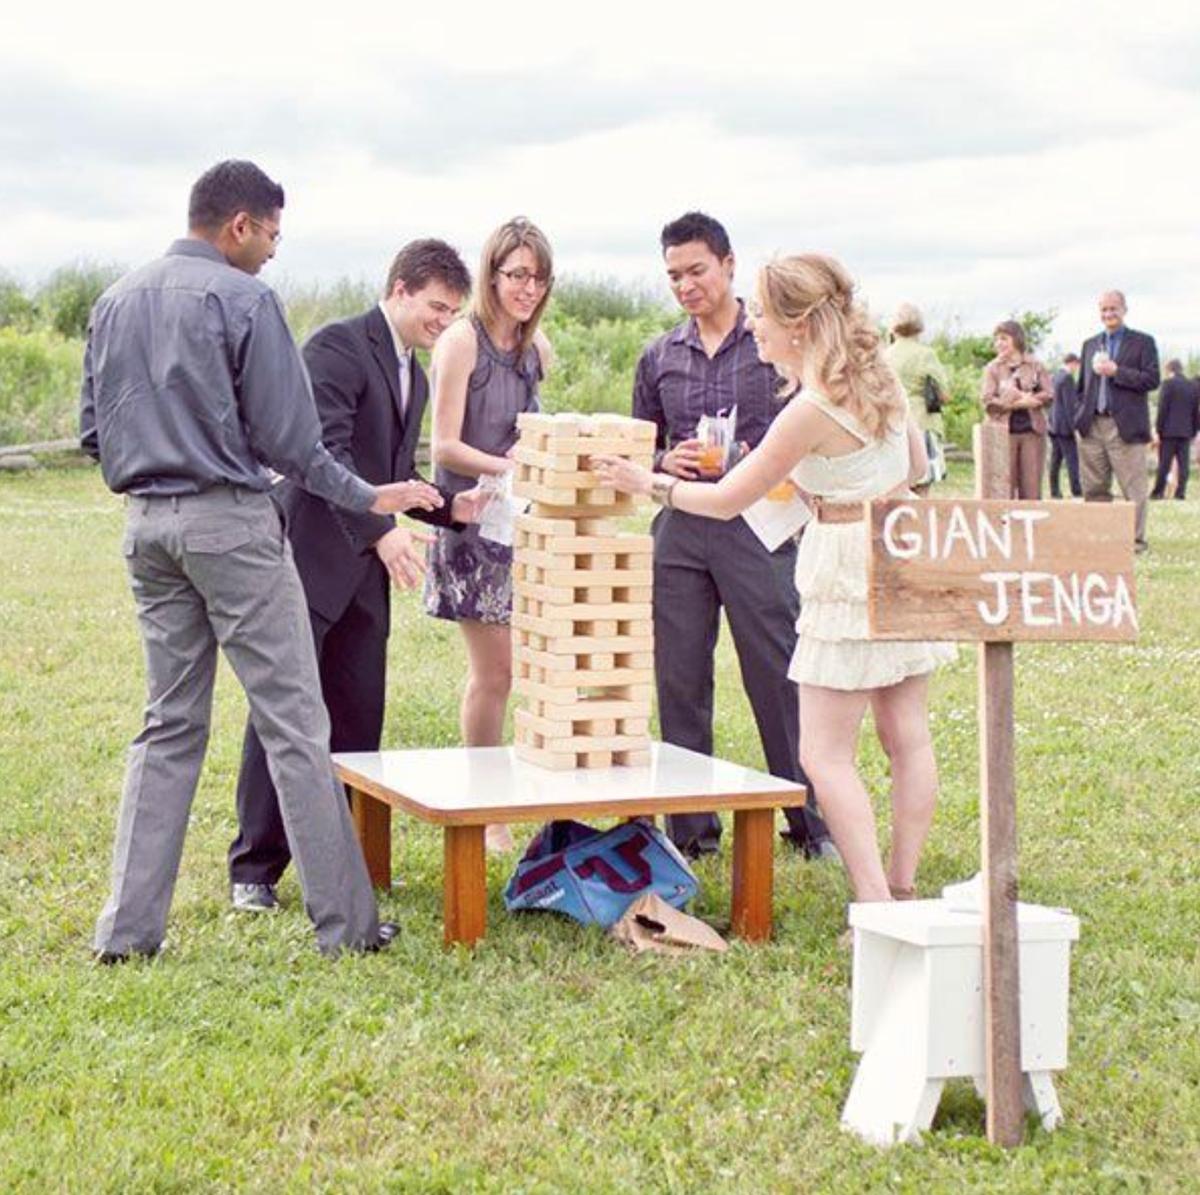 Ideas-de-juegos-y-rincones-divertidos-para-tu-boda-04